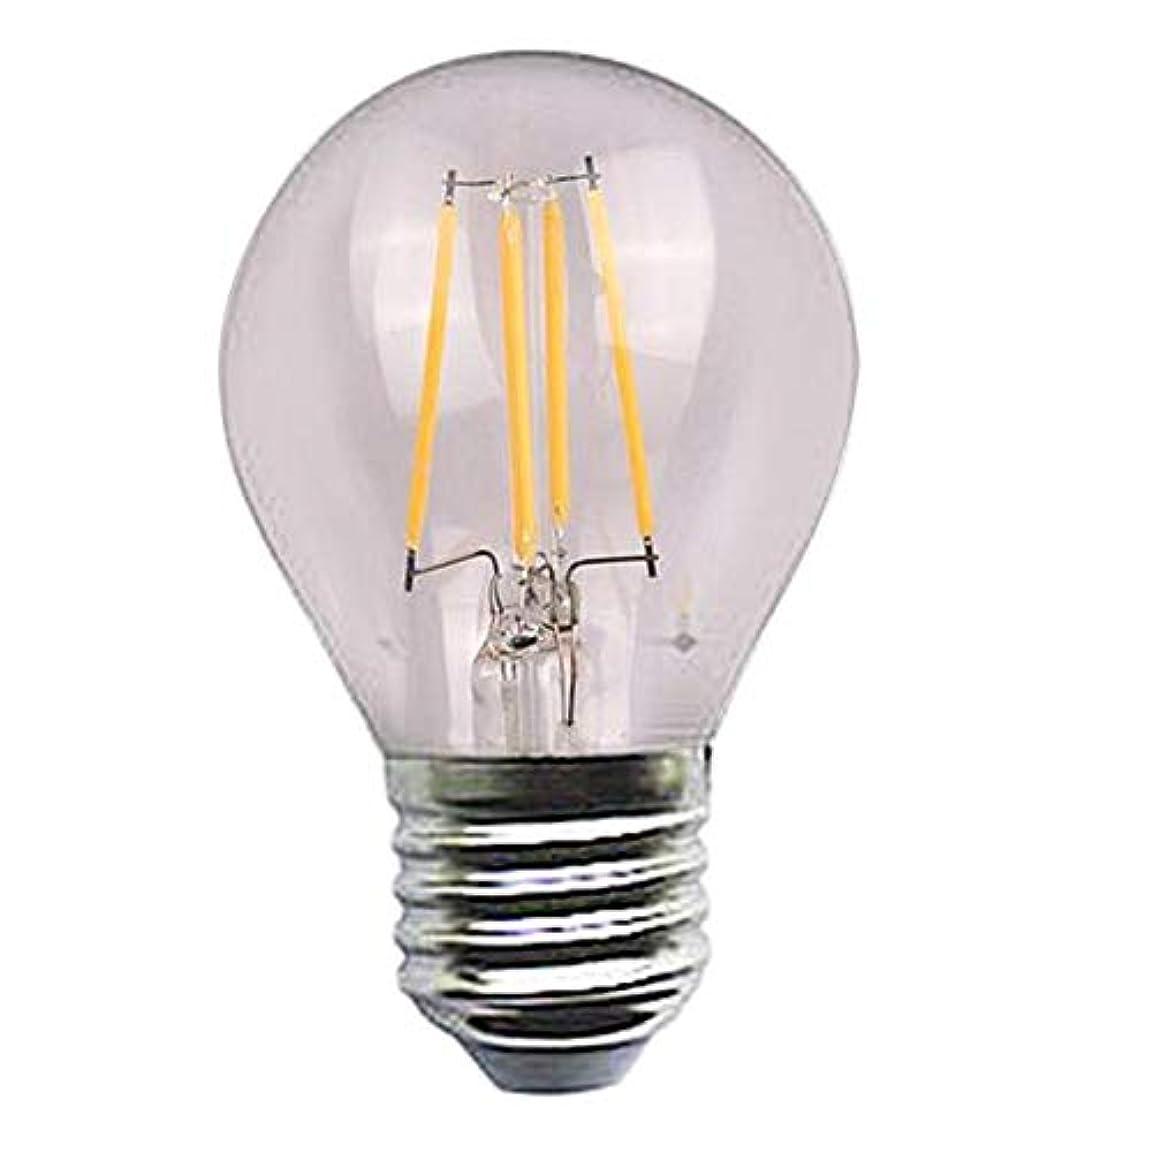 閉じる鷹覆すエジソンはフィラメントシリーズ球根4w 110-220vの銀ランプの頭部を導きました